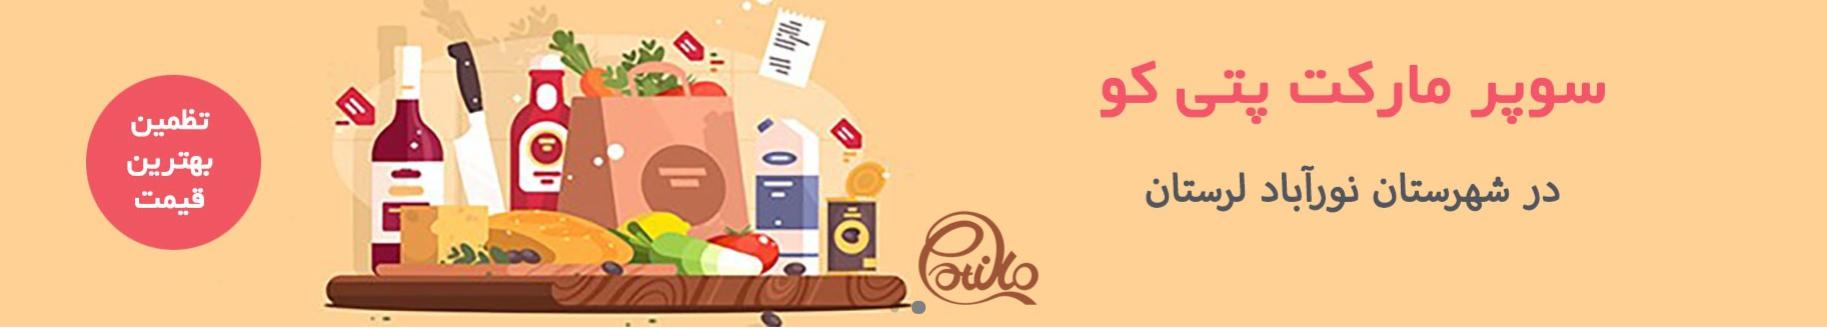 فروشگاه آنلاین مواد غذایی شهرستان دلفان